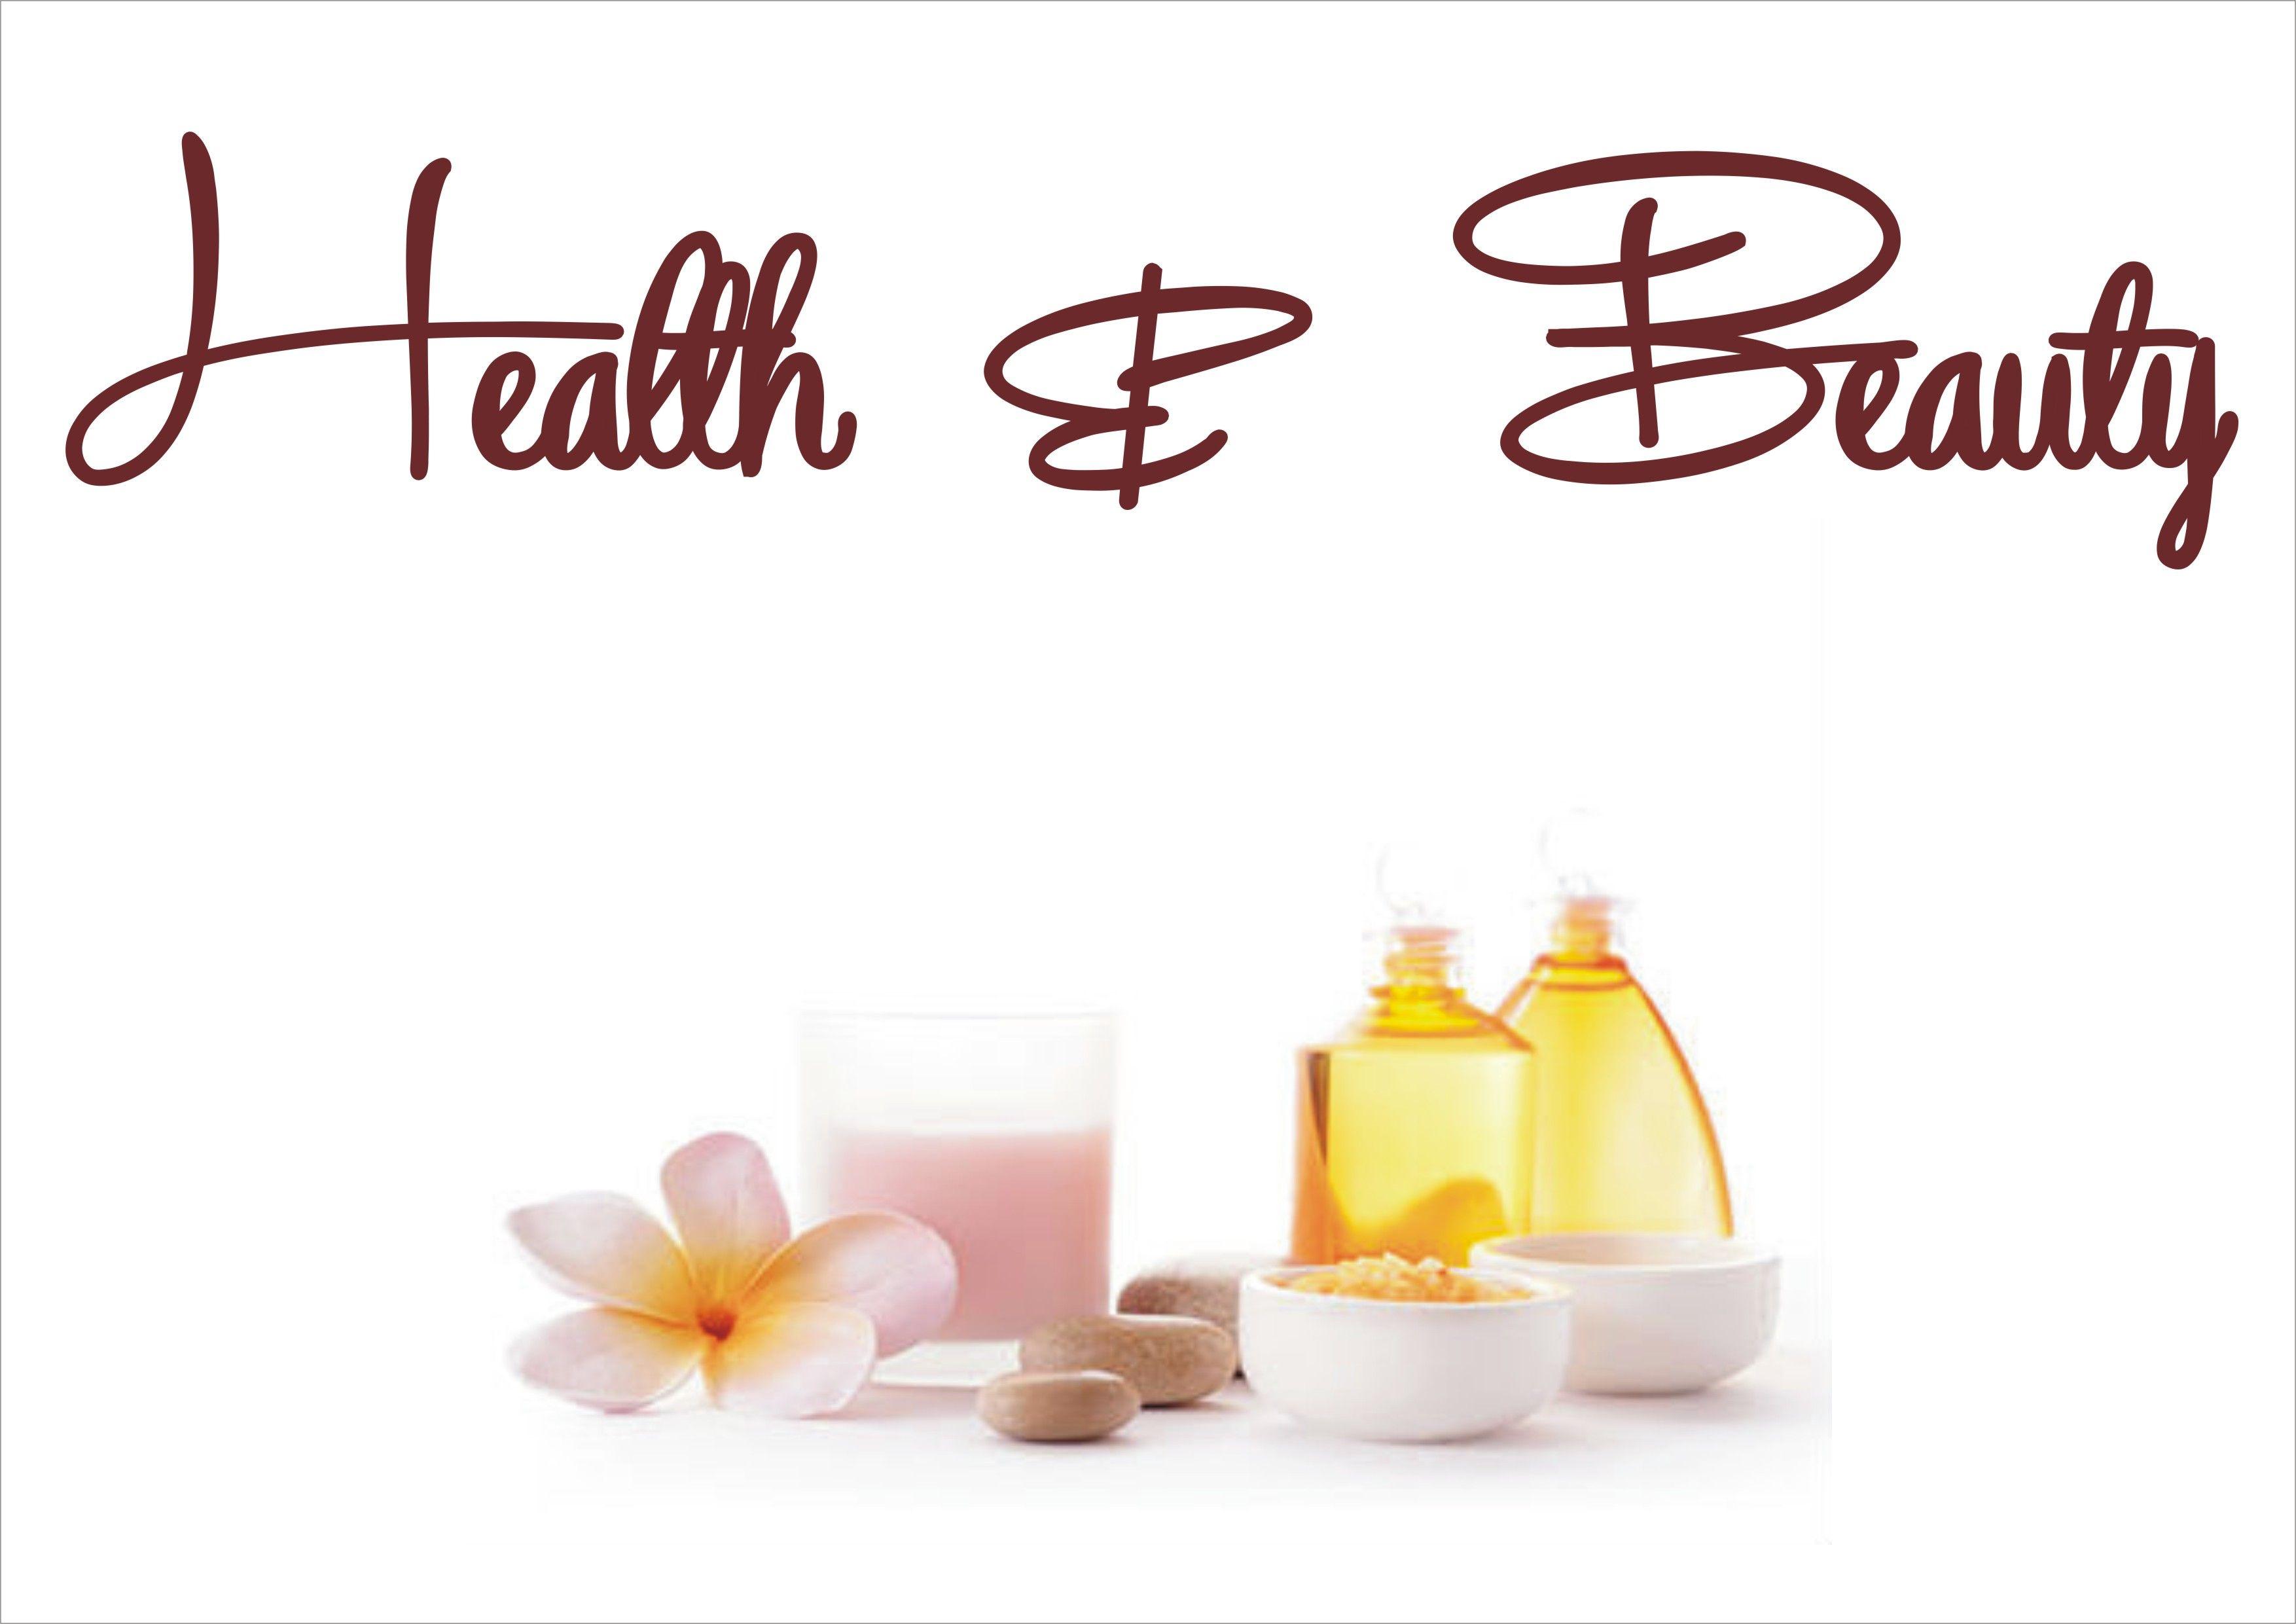 Health & Beauty Health beauty, Place card holders, Home